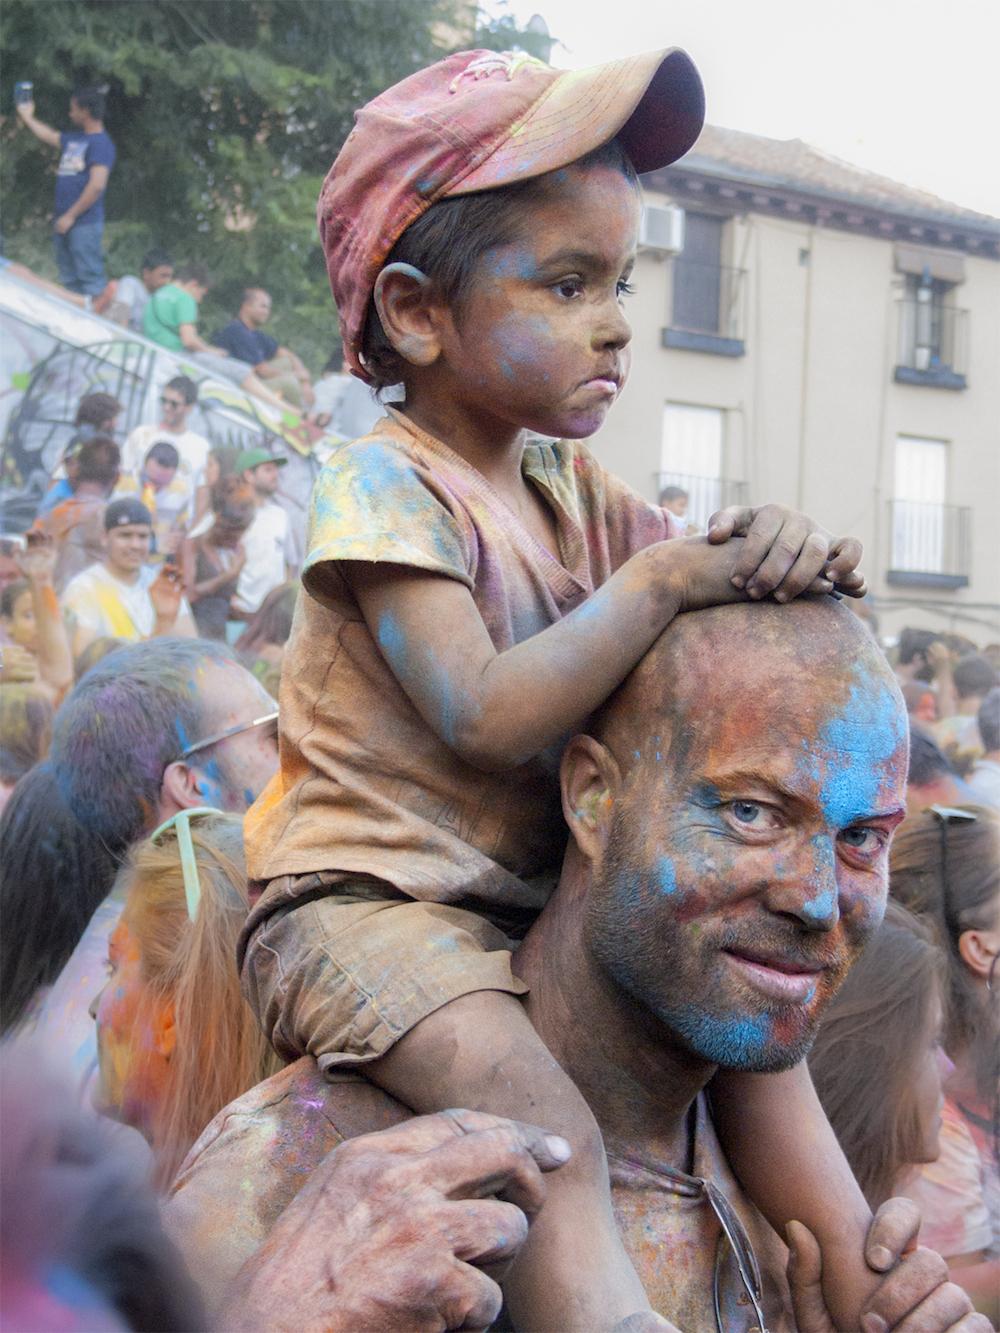 HOLI 3 | Iurgi Inda (Arrasate). Madrilgo Lavapies auzoan, Holi berdintasunaren aldeko festa koloretsuan.